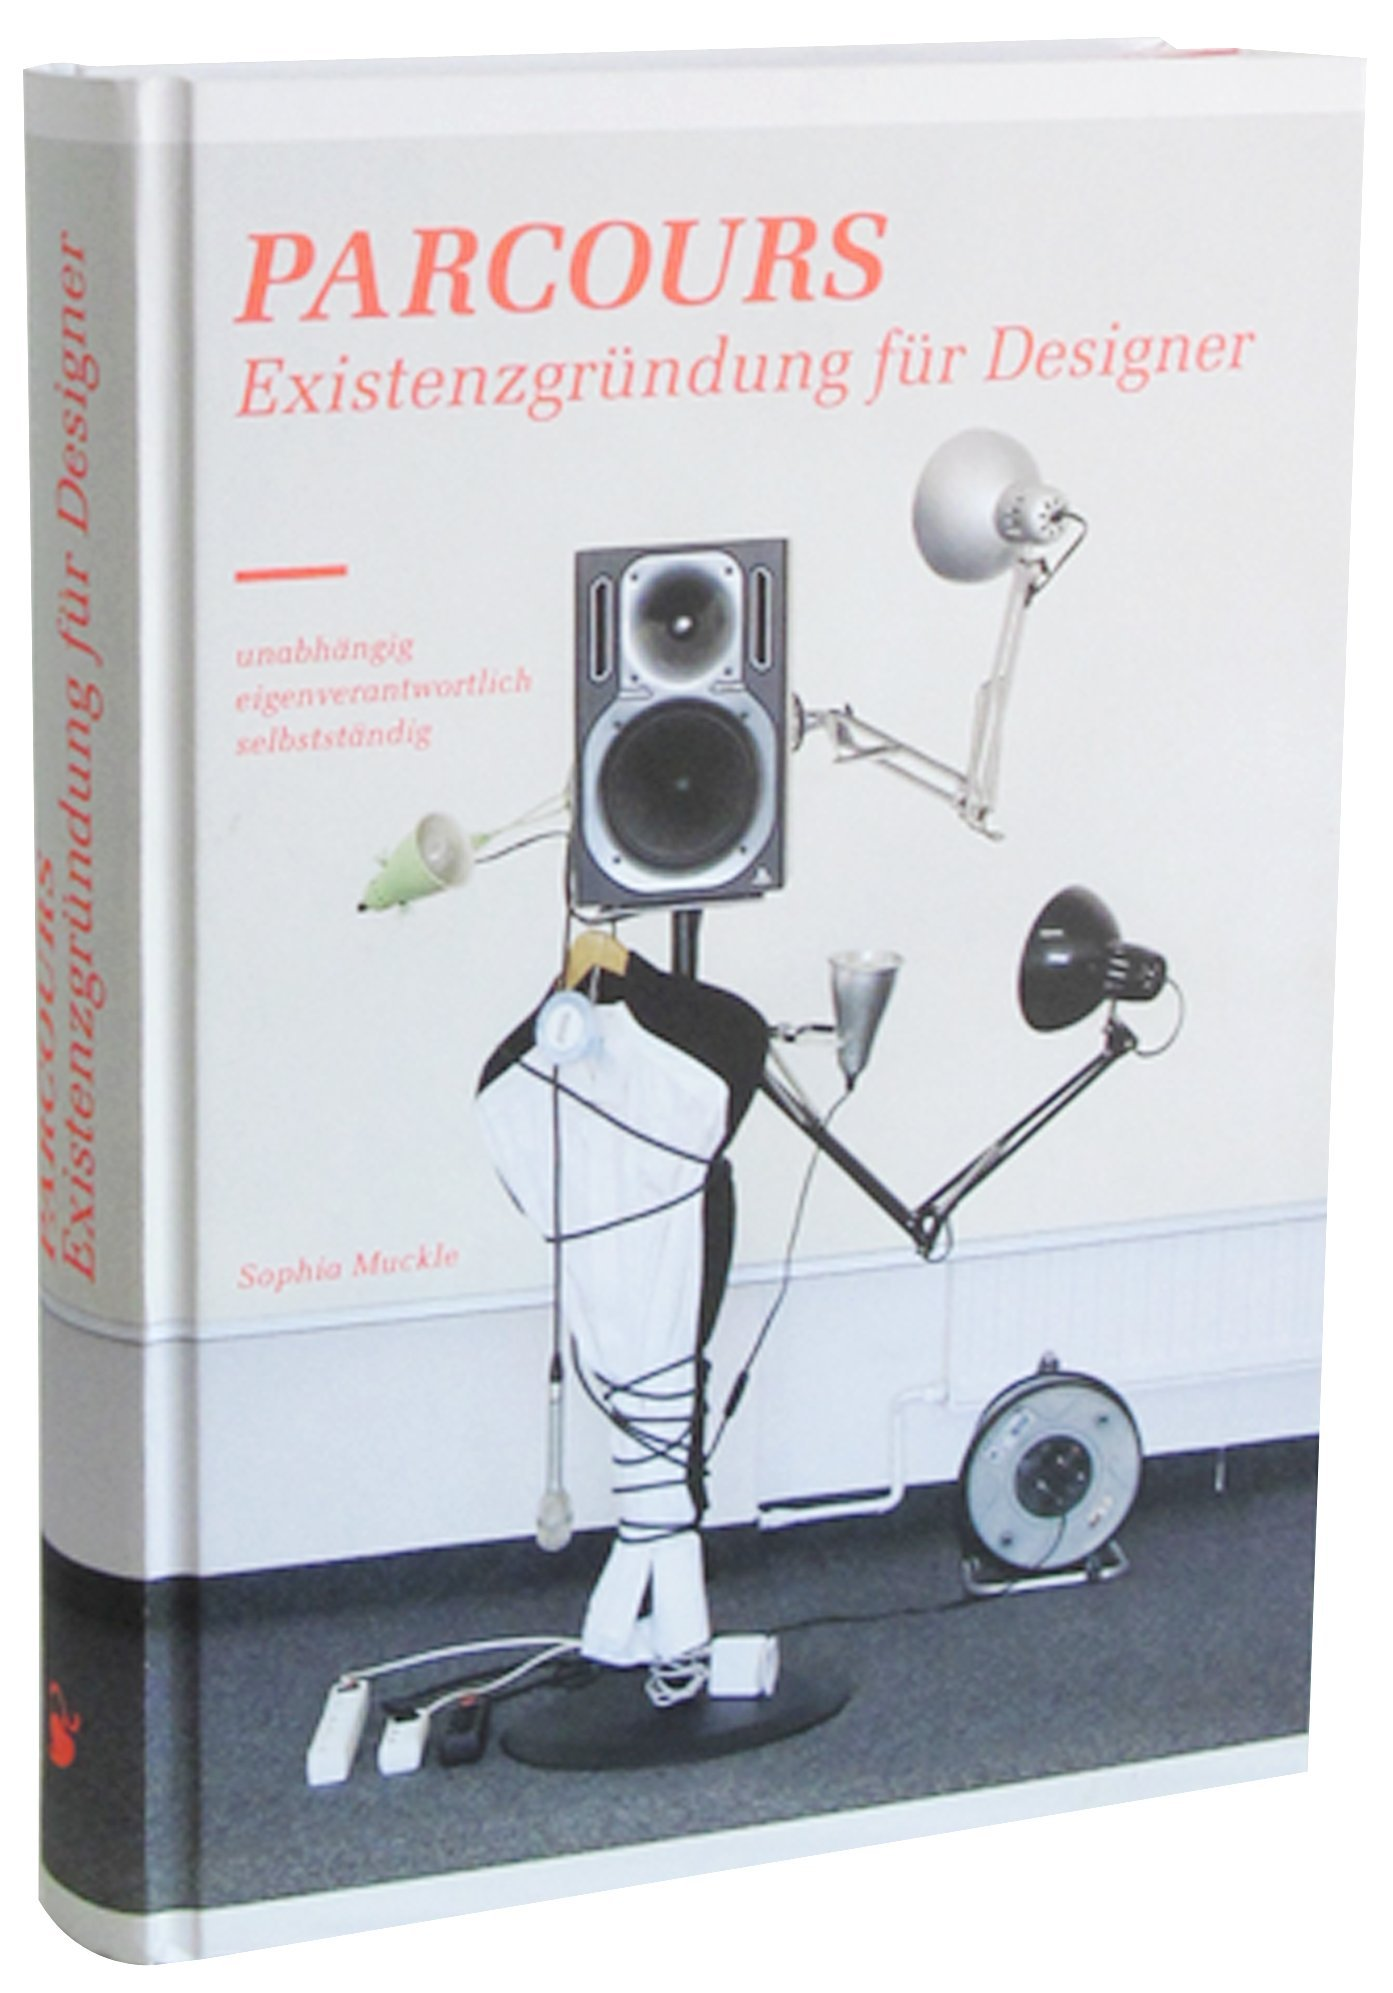 Parcours: Existenzgründung für Designer. Unabhängig - Eigenverantwortlich - Selbständig